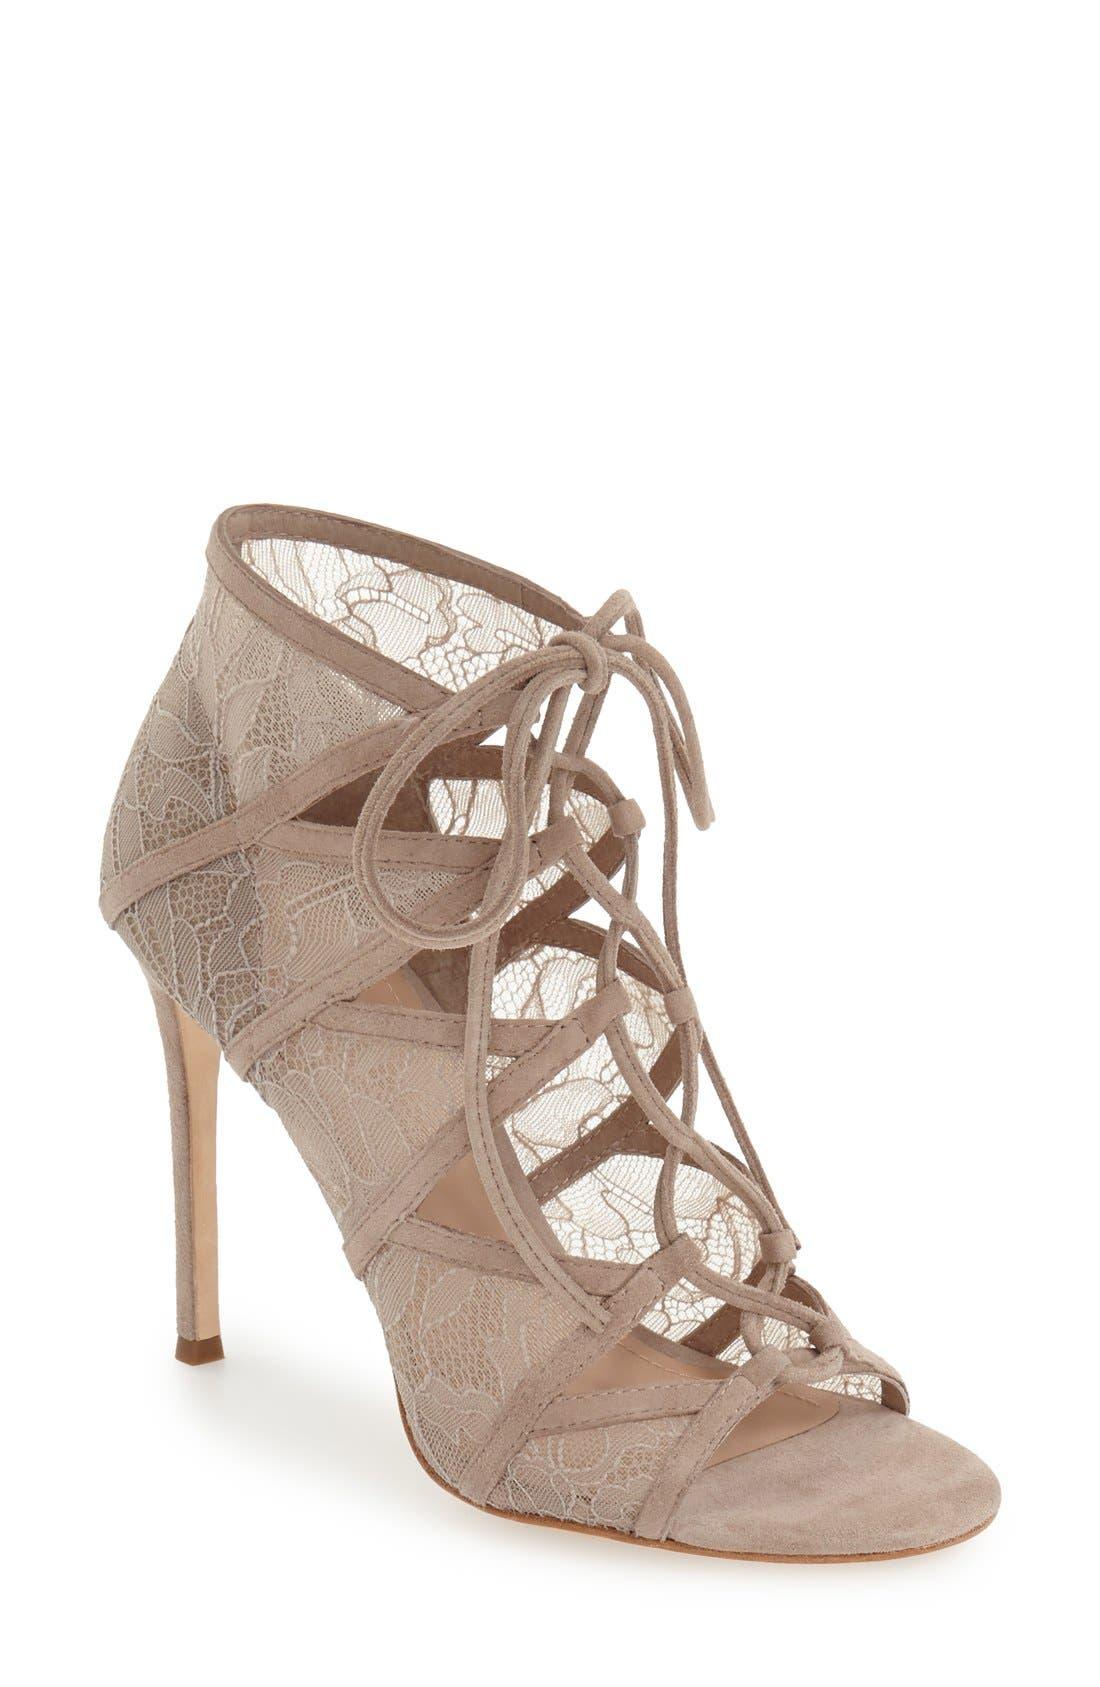 Main Image - Pour la Victoire 'Ellery' Lace-Up Sandal (Women)